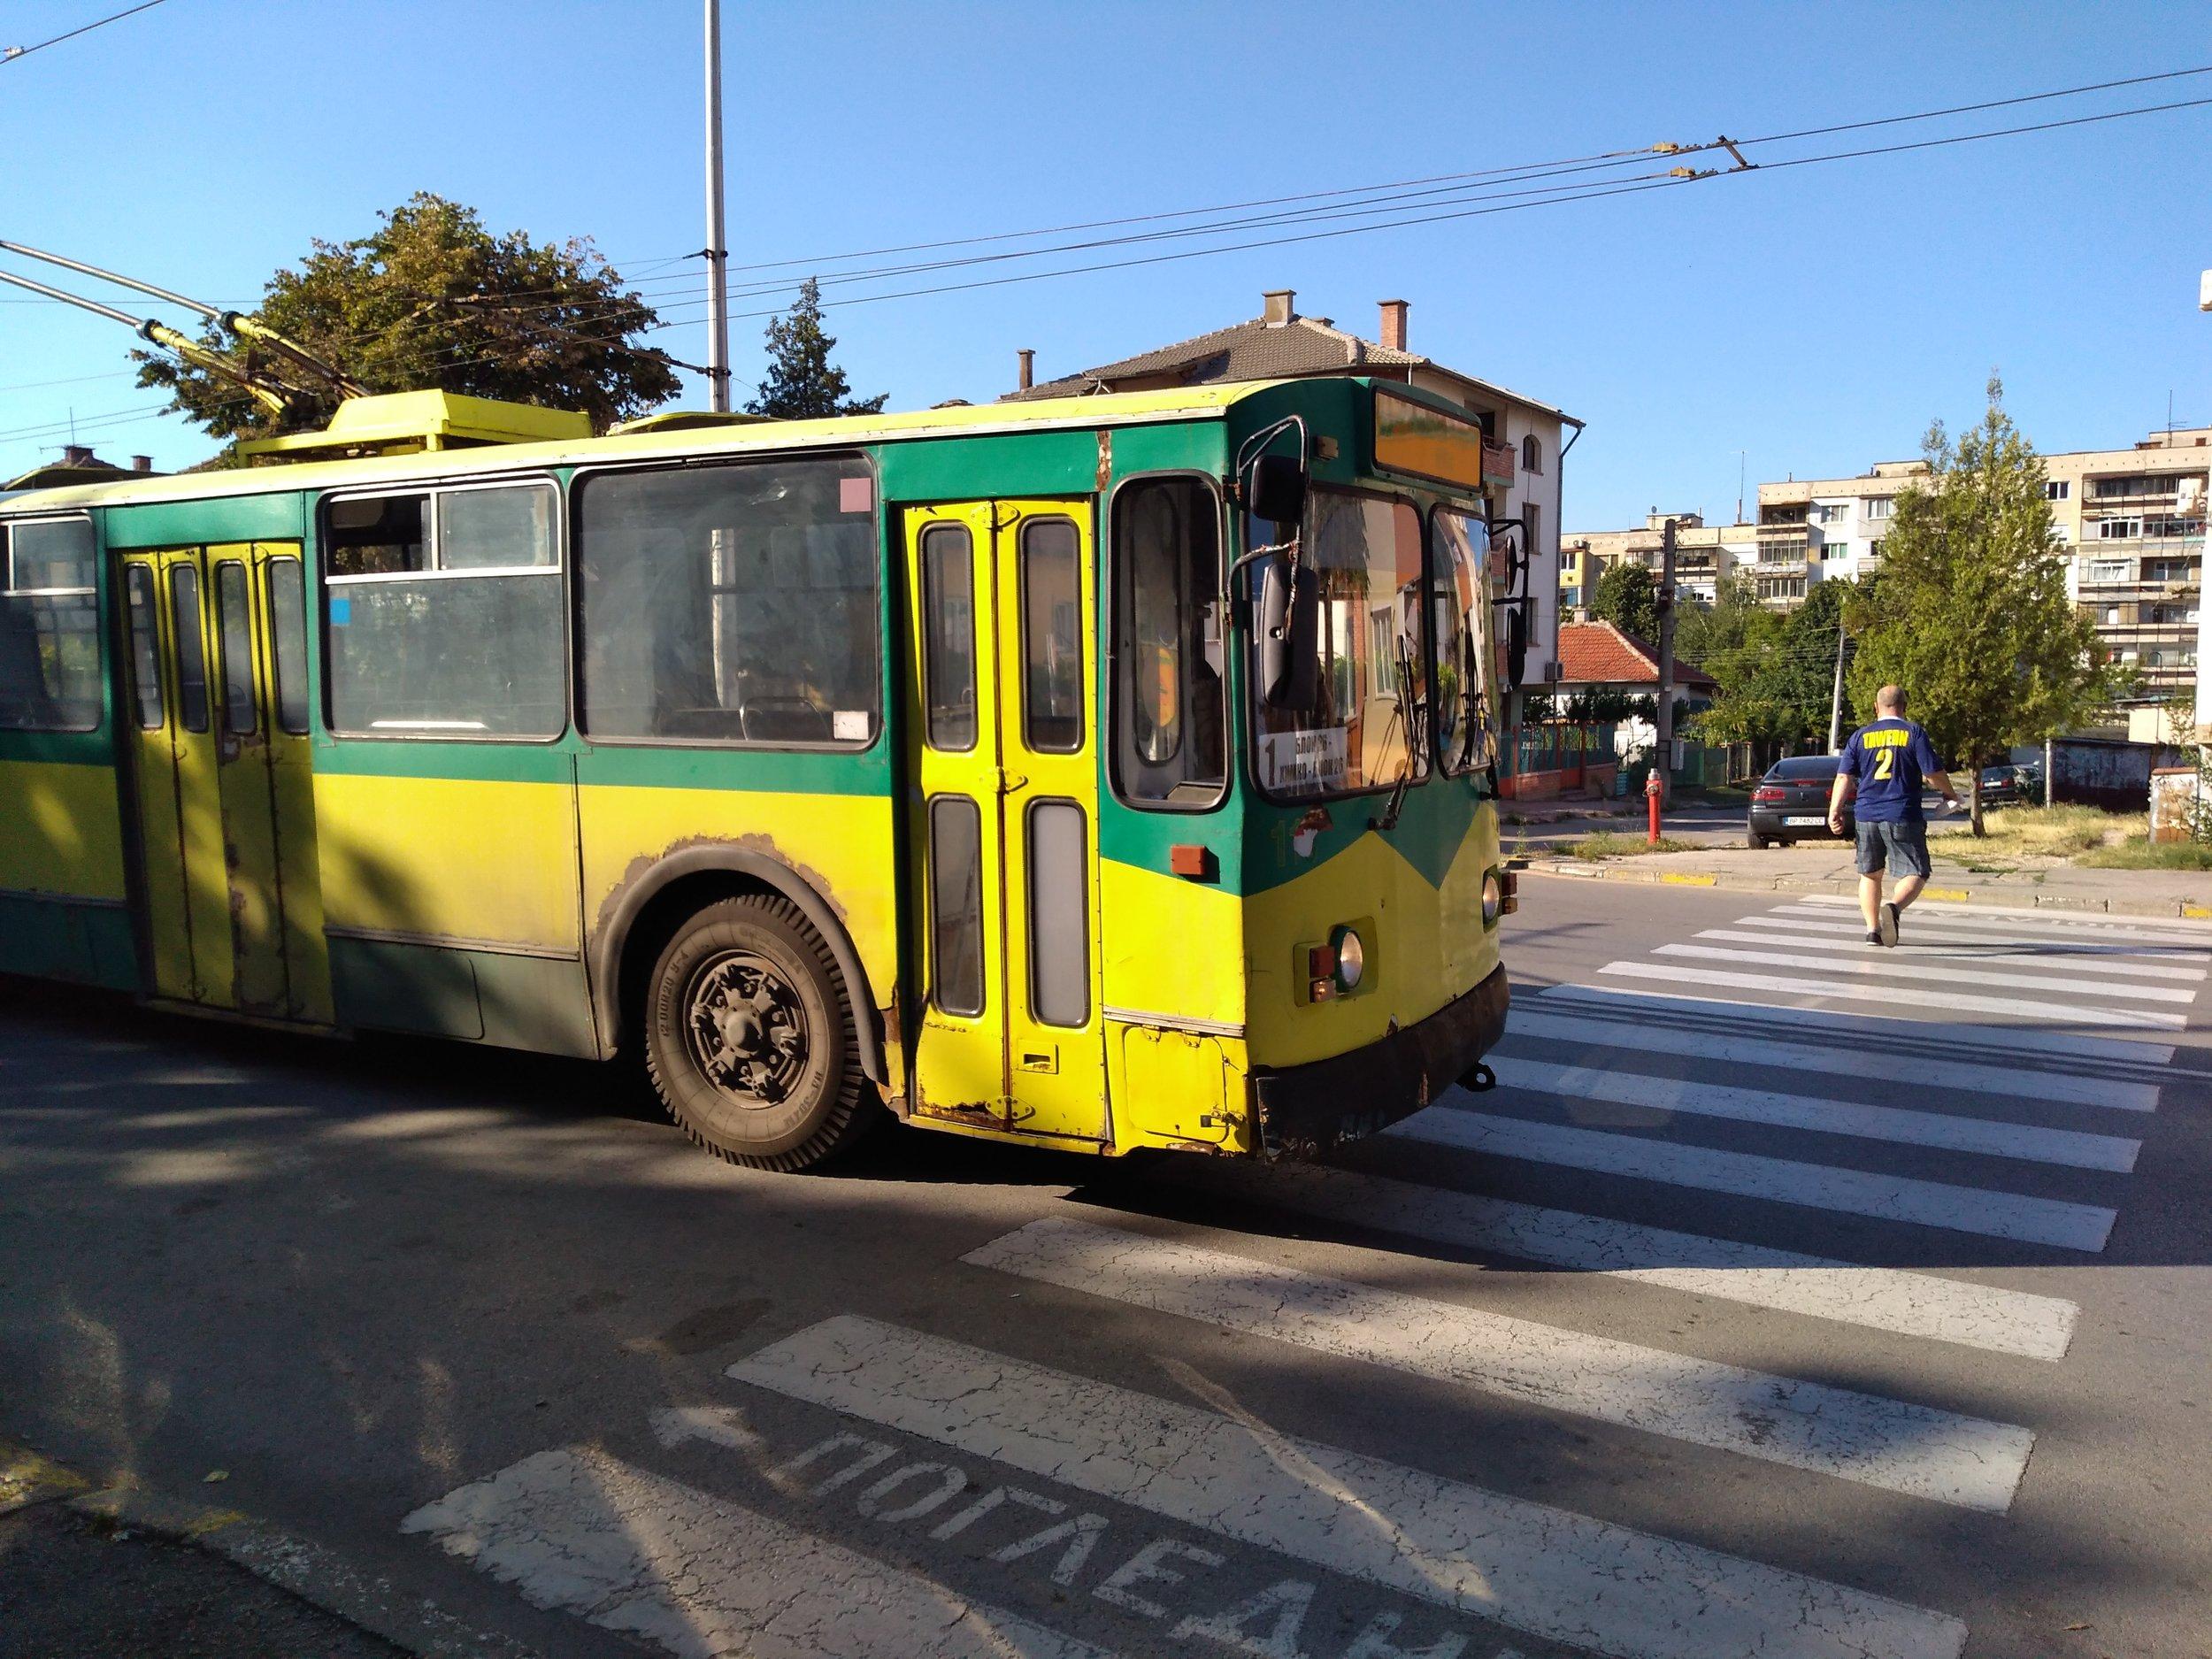 Zastávka Ž. K. Mladosť ve východní části města.